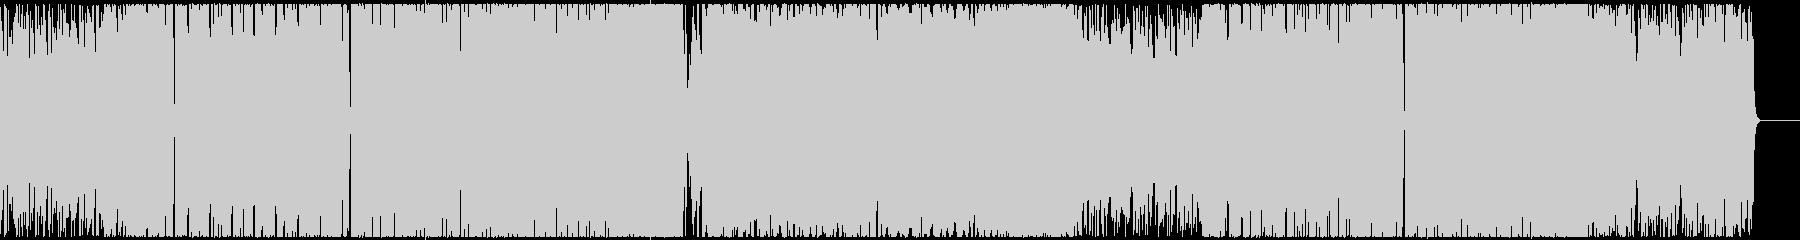 ポップでキャッチーなシンセのEDMの未再生の波形